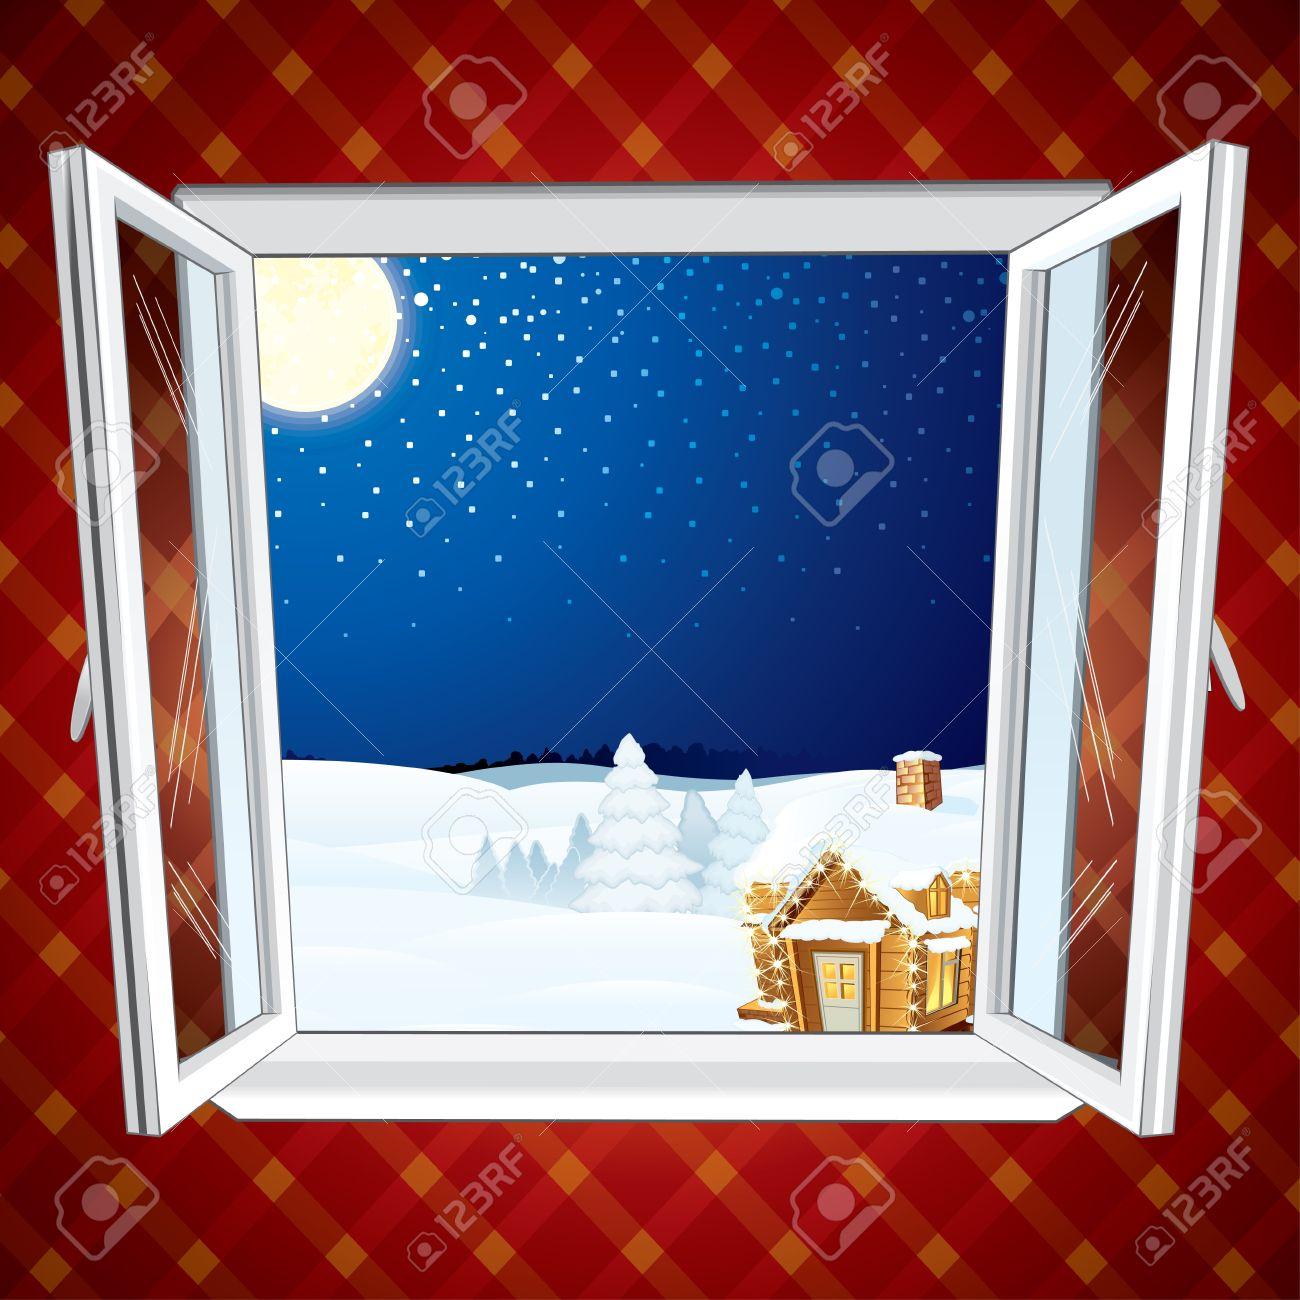 Offenes fenster im winter  Winter Weihnachten Winter-Szene Durch Das Geöffnete Fenster ...